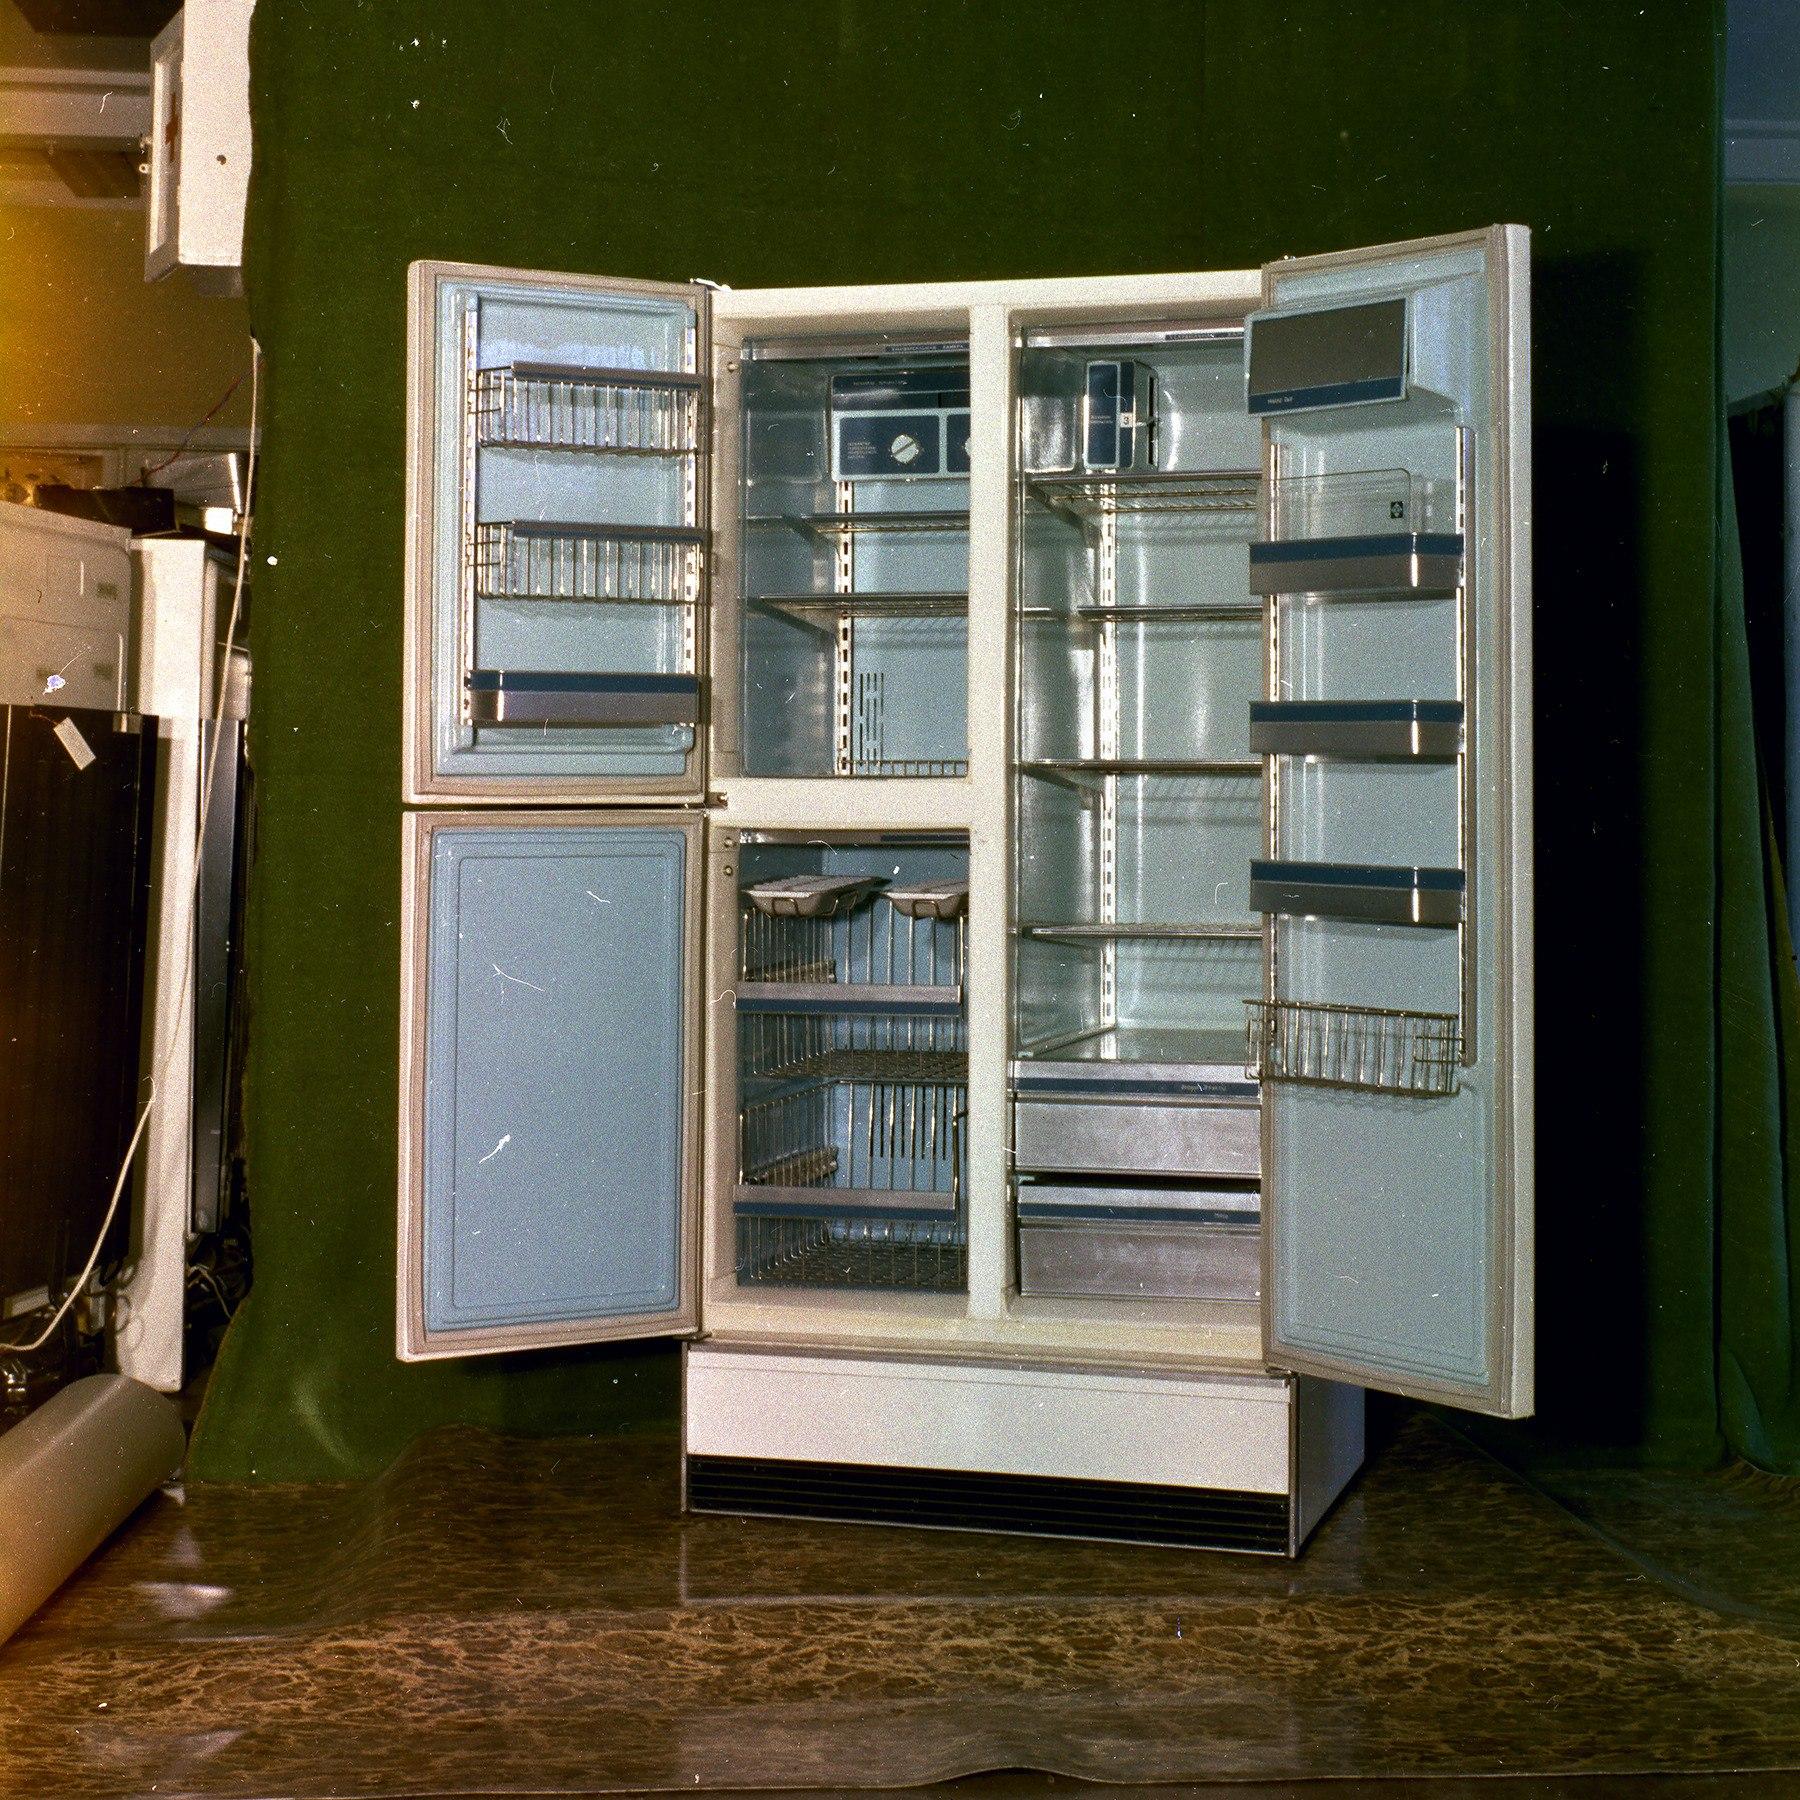 Перспективная модель холодильника МКШ-400 1977